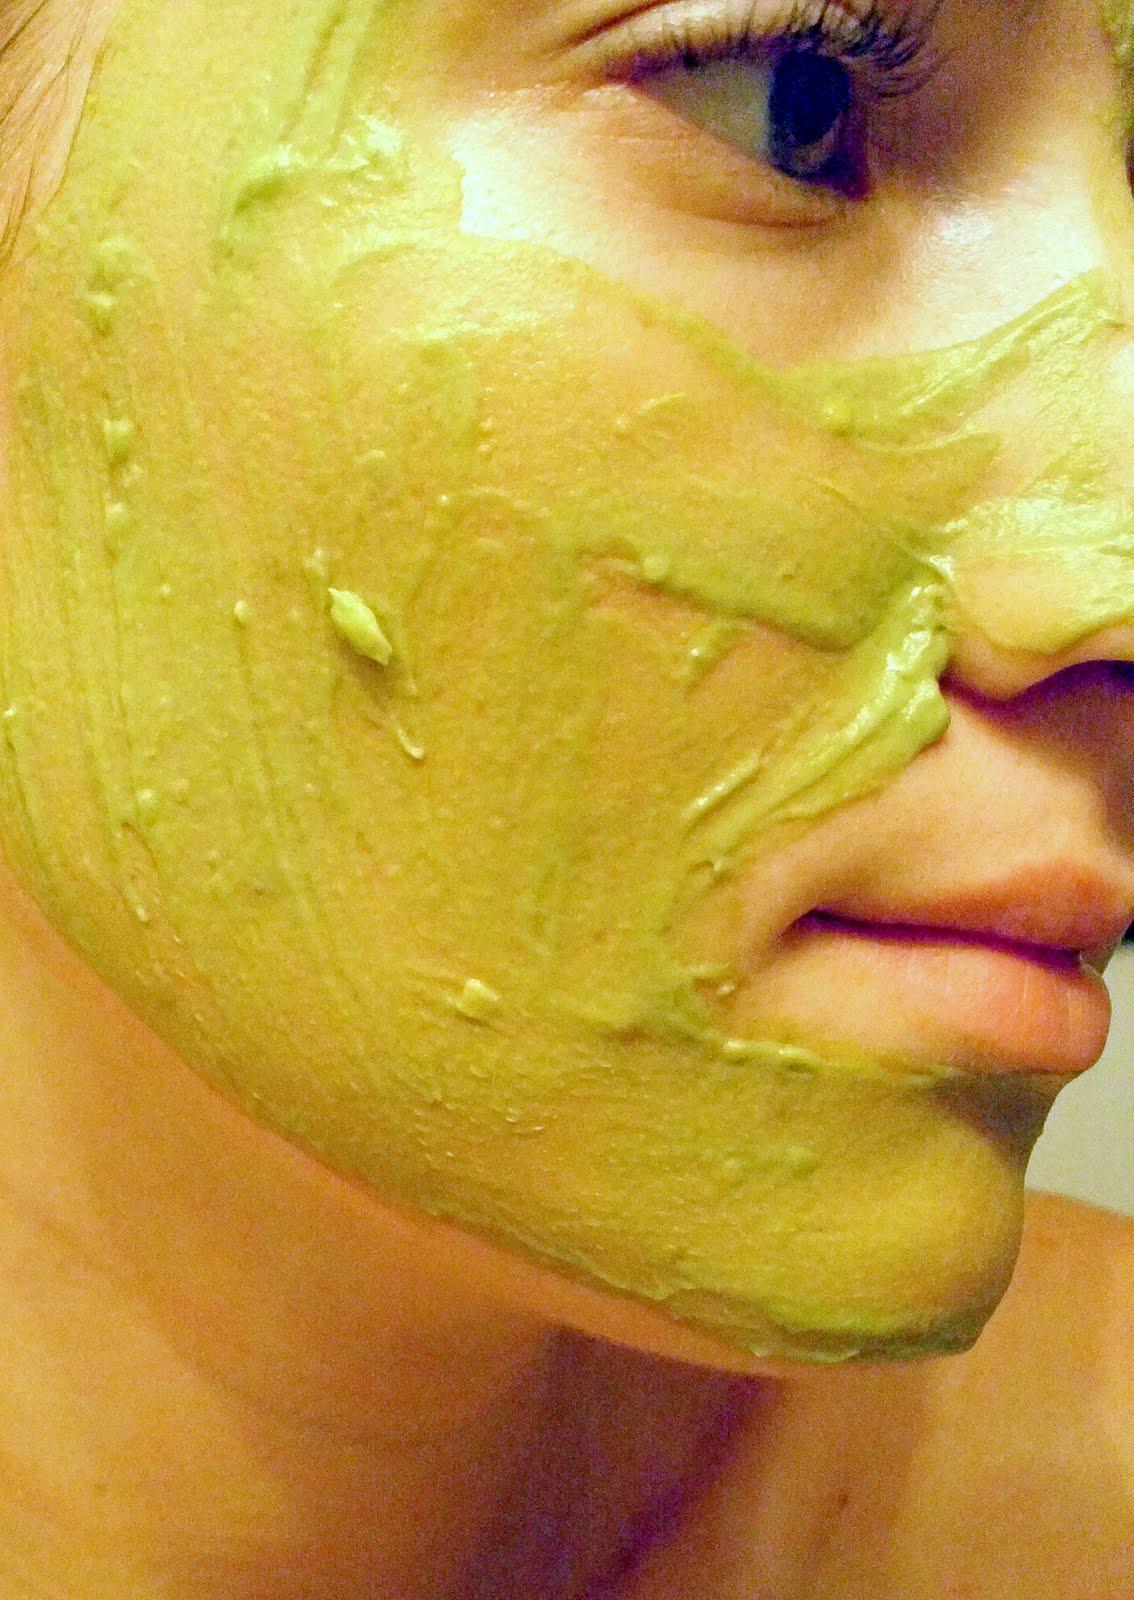 Moisturizing Avocado Mask Shwin And Shwin